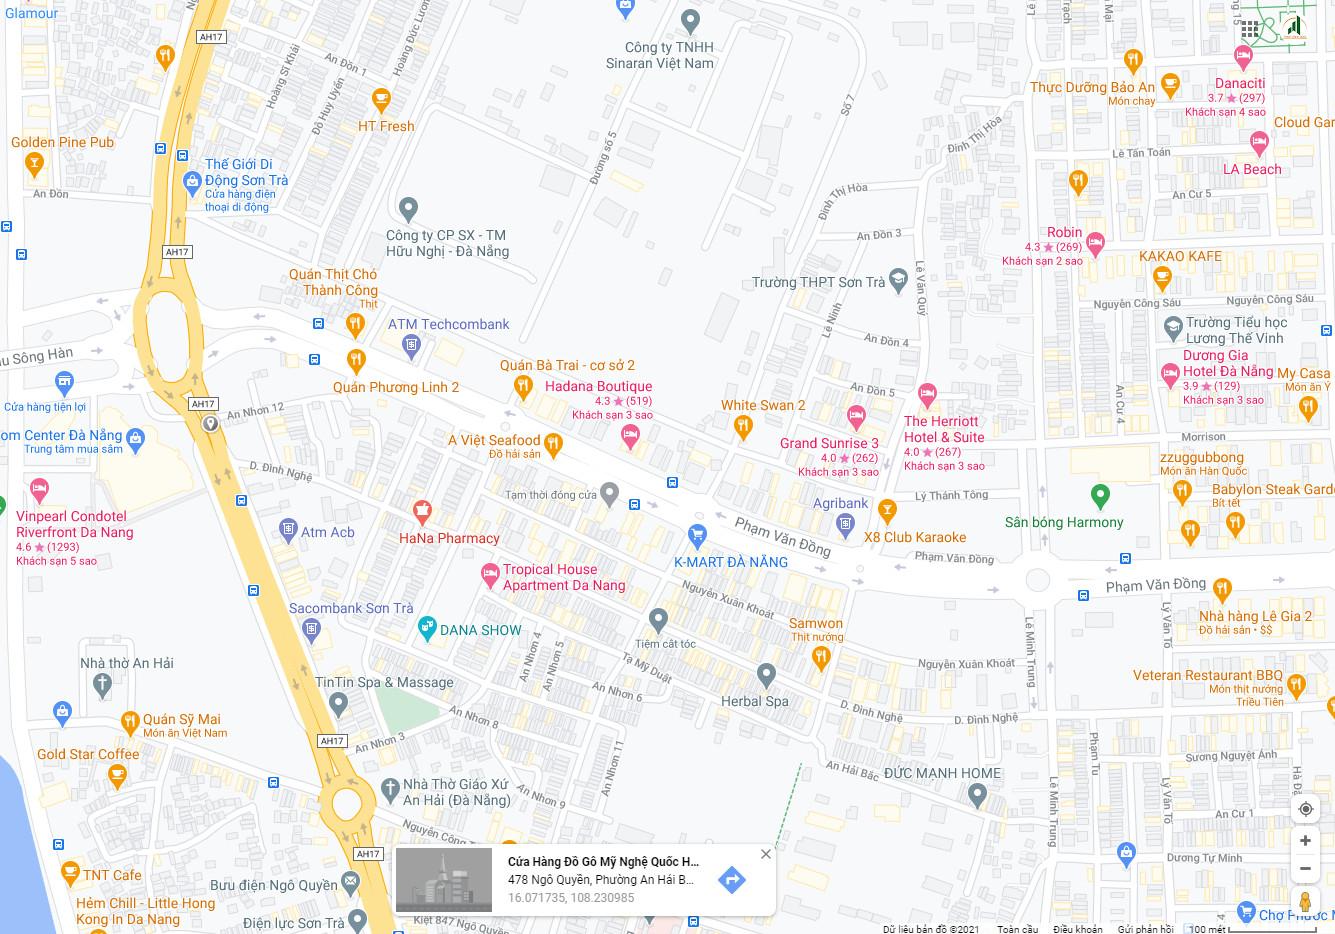 sơ đồ đất bán đường Ngô Quyền - Đà Nẵng